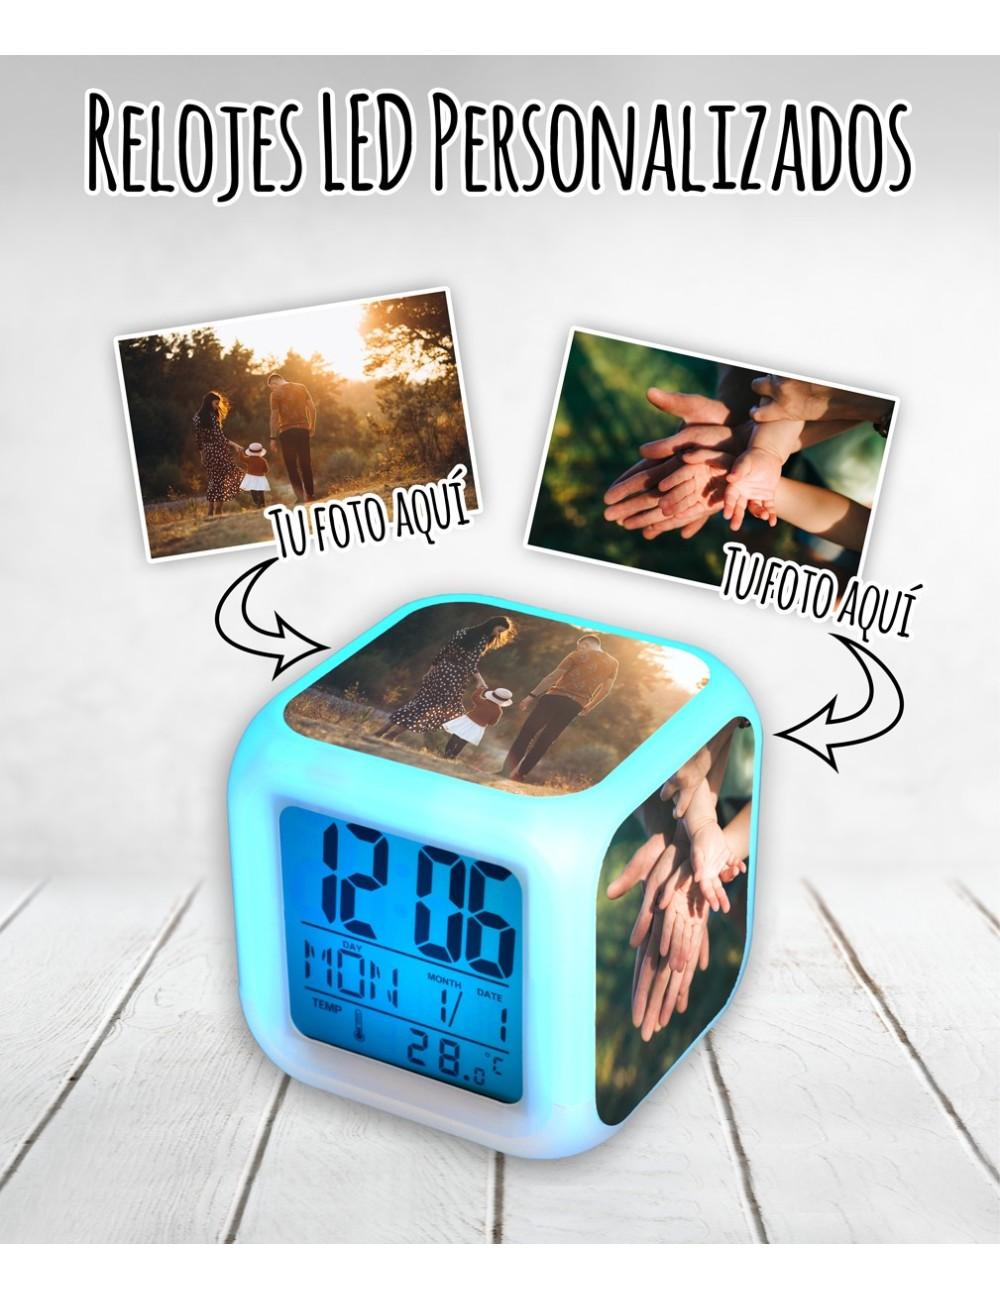 Relojes personalizados digitales con LED multicolor